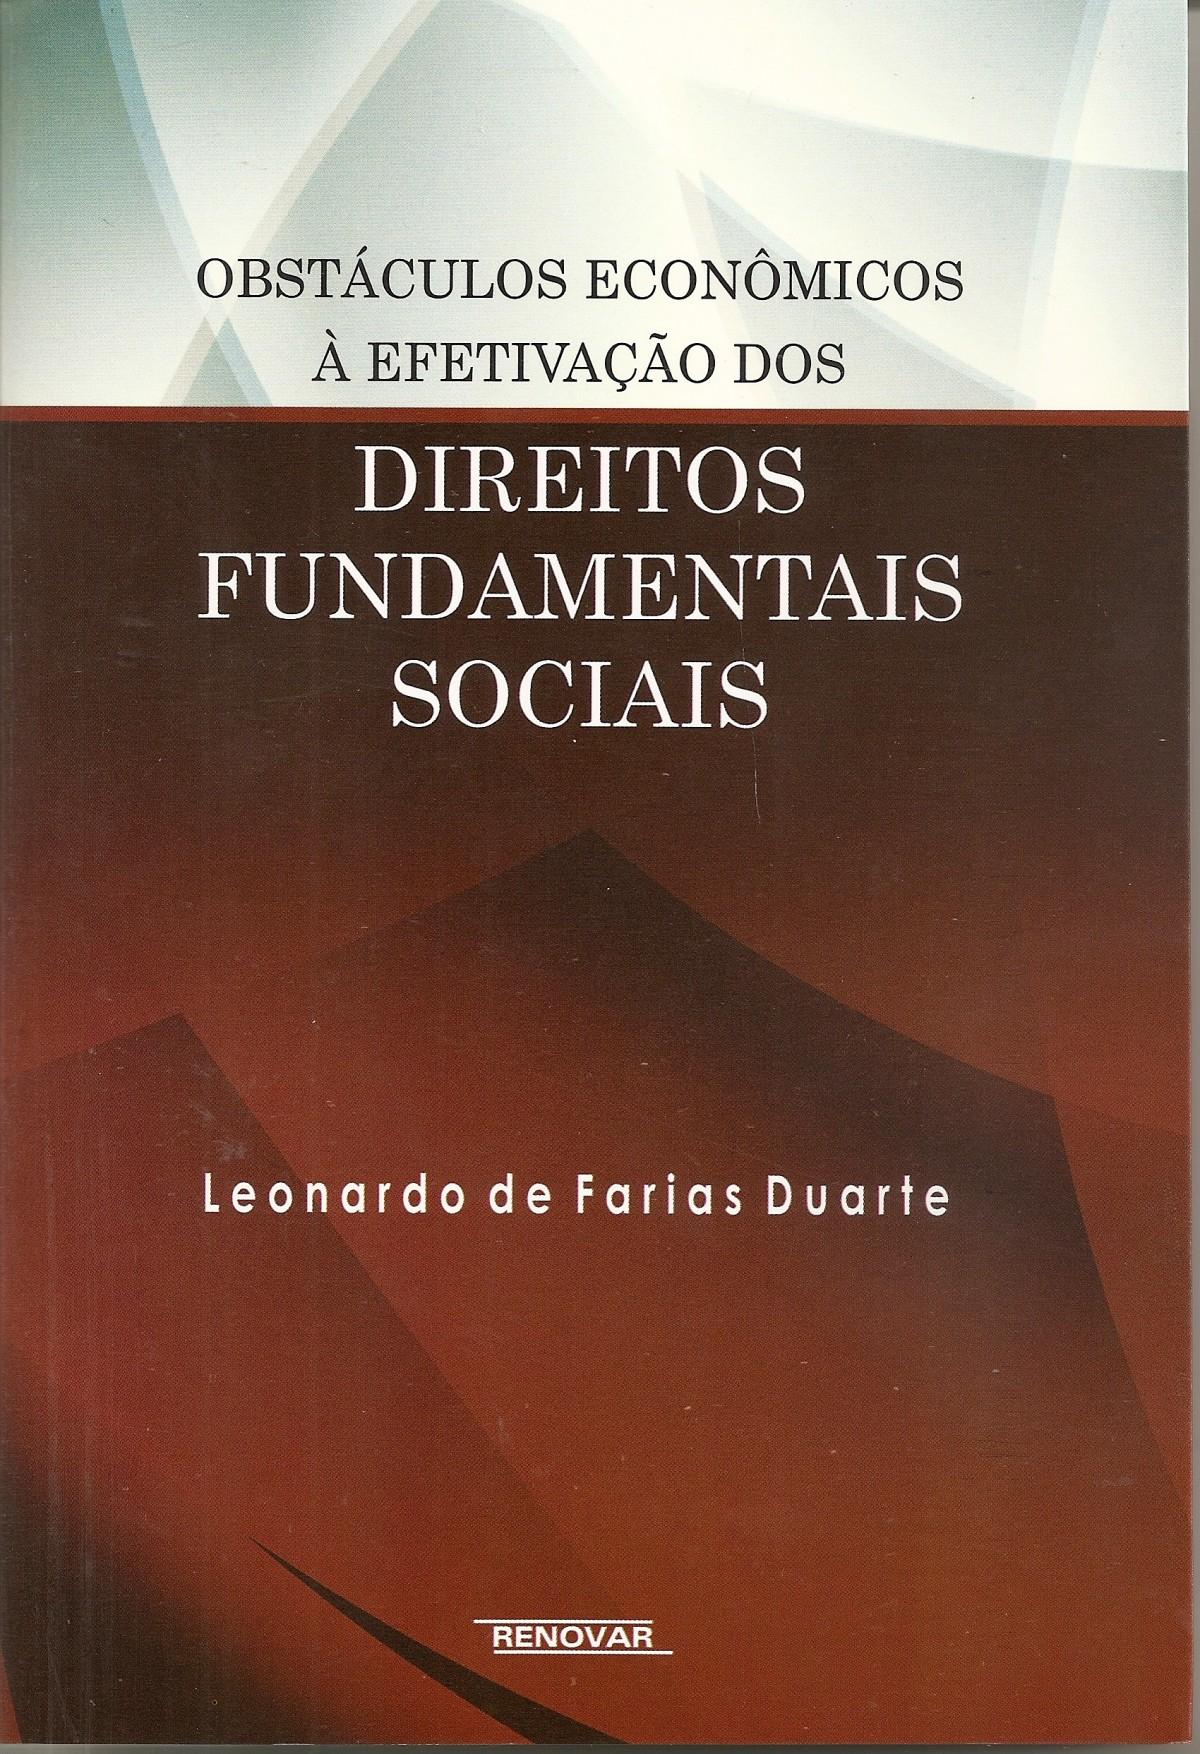 Foto 1 - Obstáculos Econômicos à Efetivação dos Direitos Fundamentais Sociais